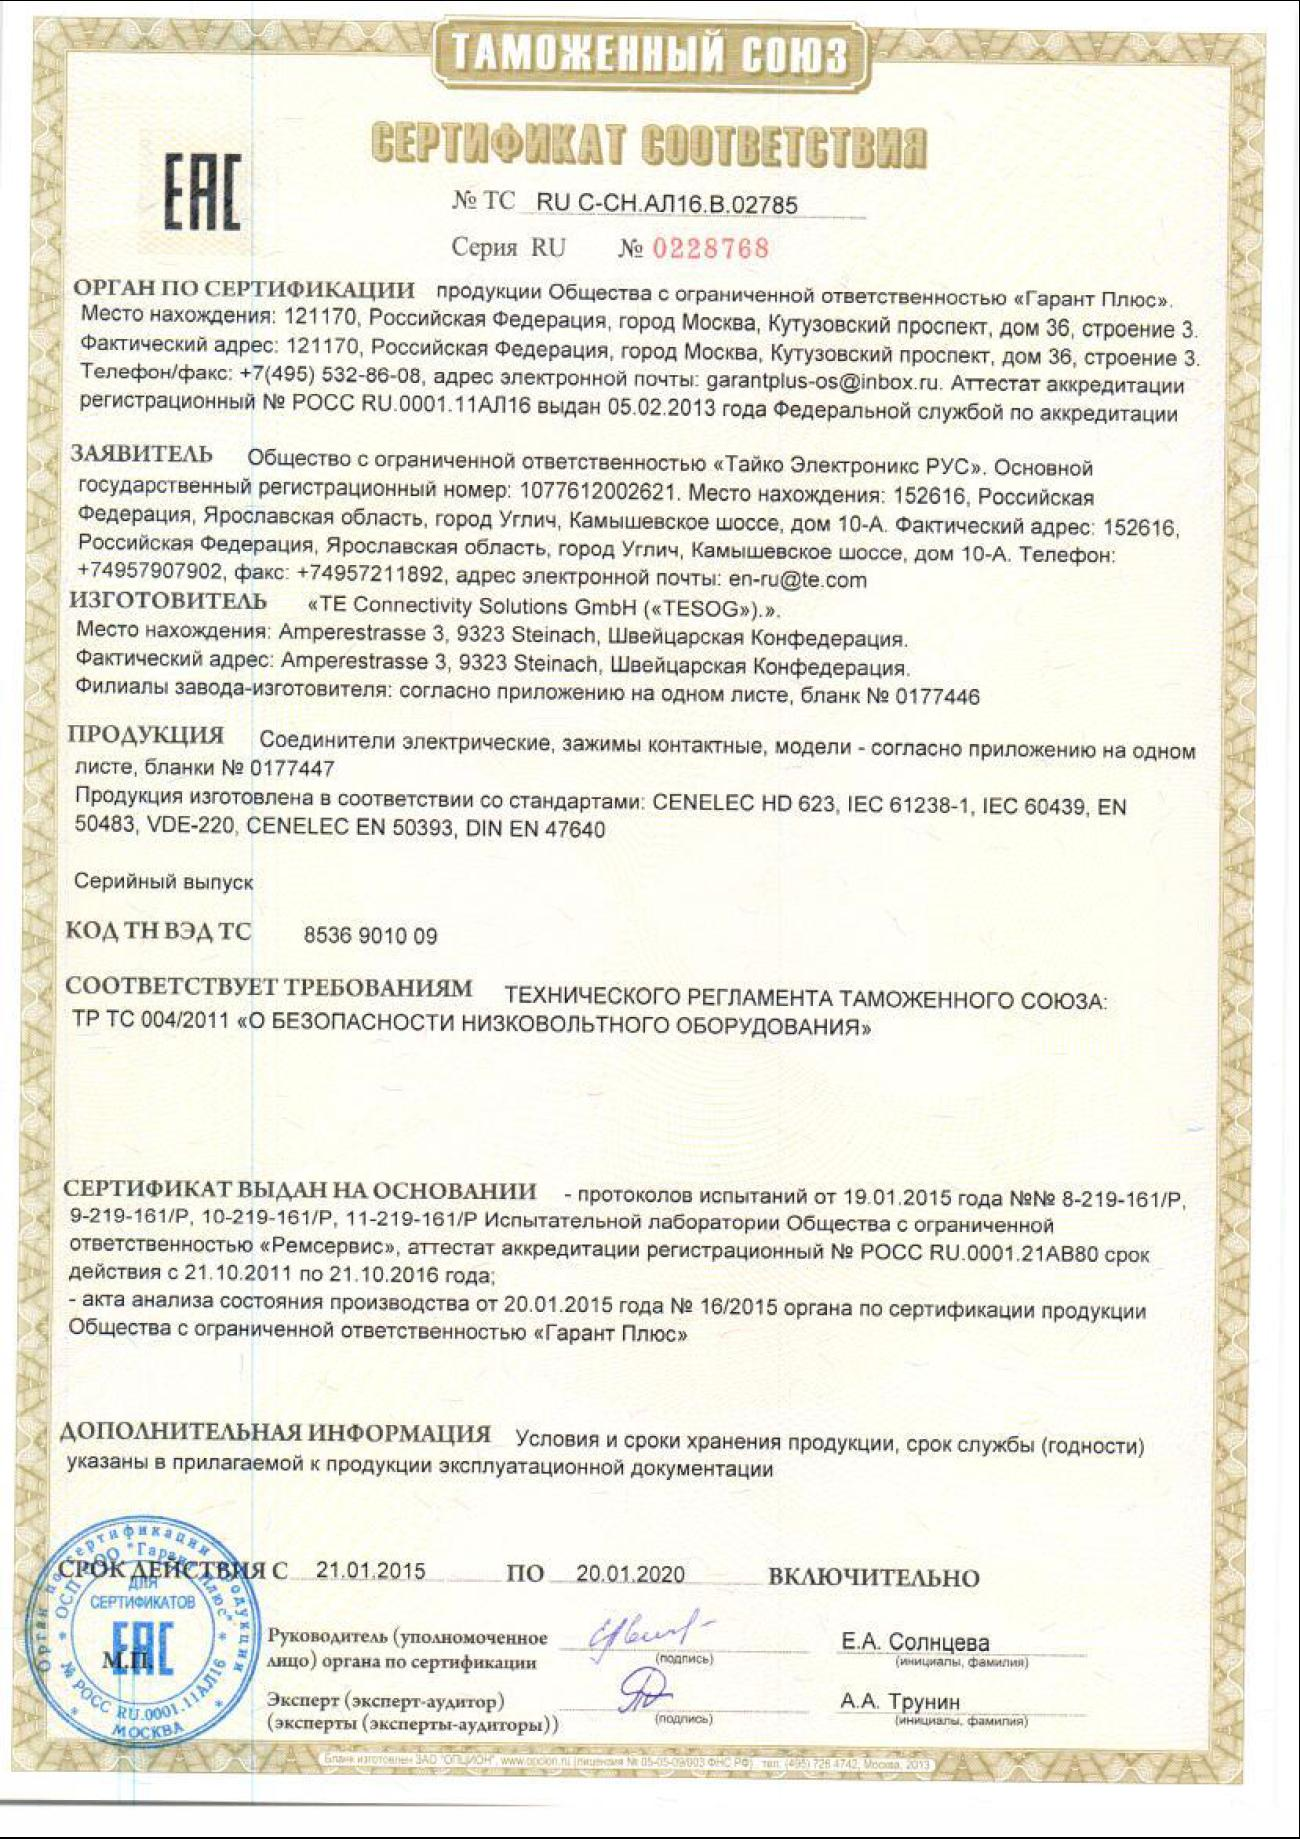 RayElectro-KZ (РайЭлектро-КЗ), ТОО